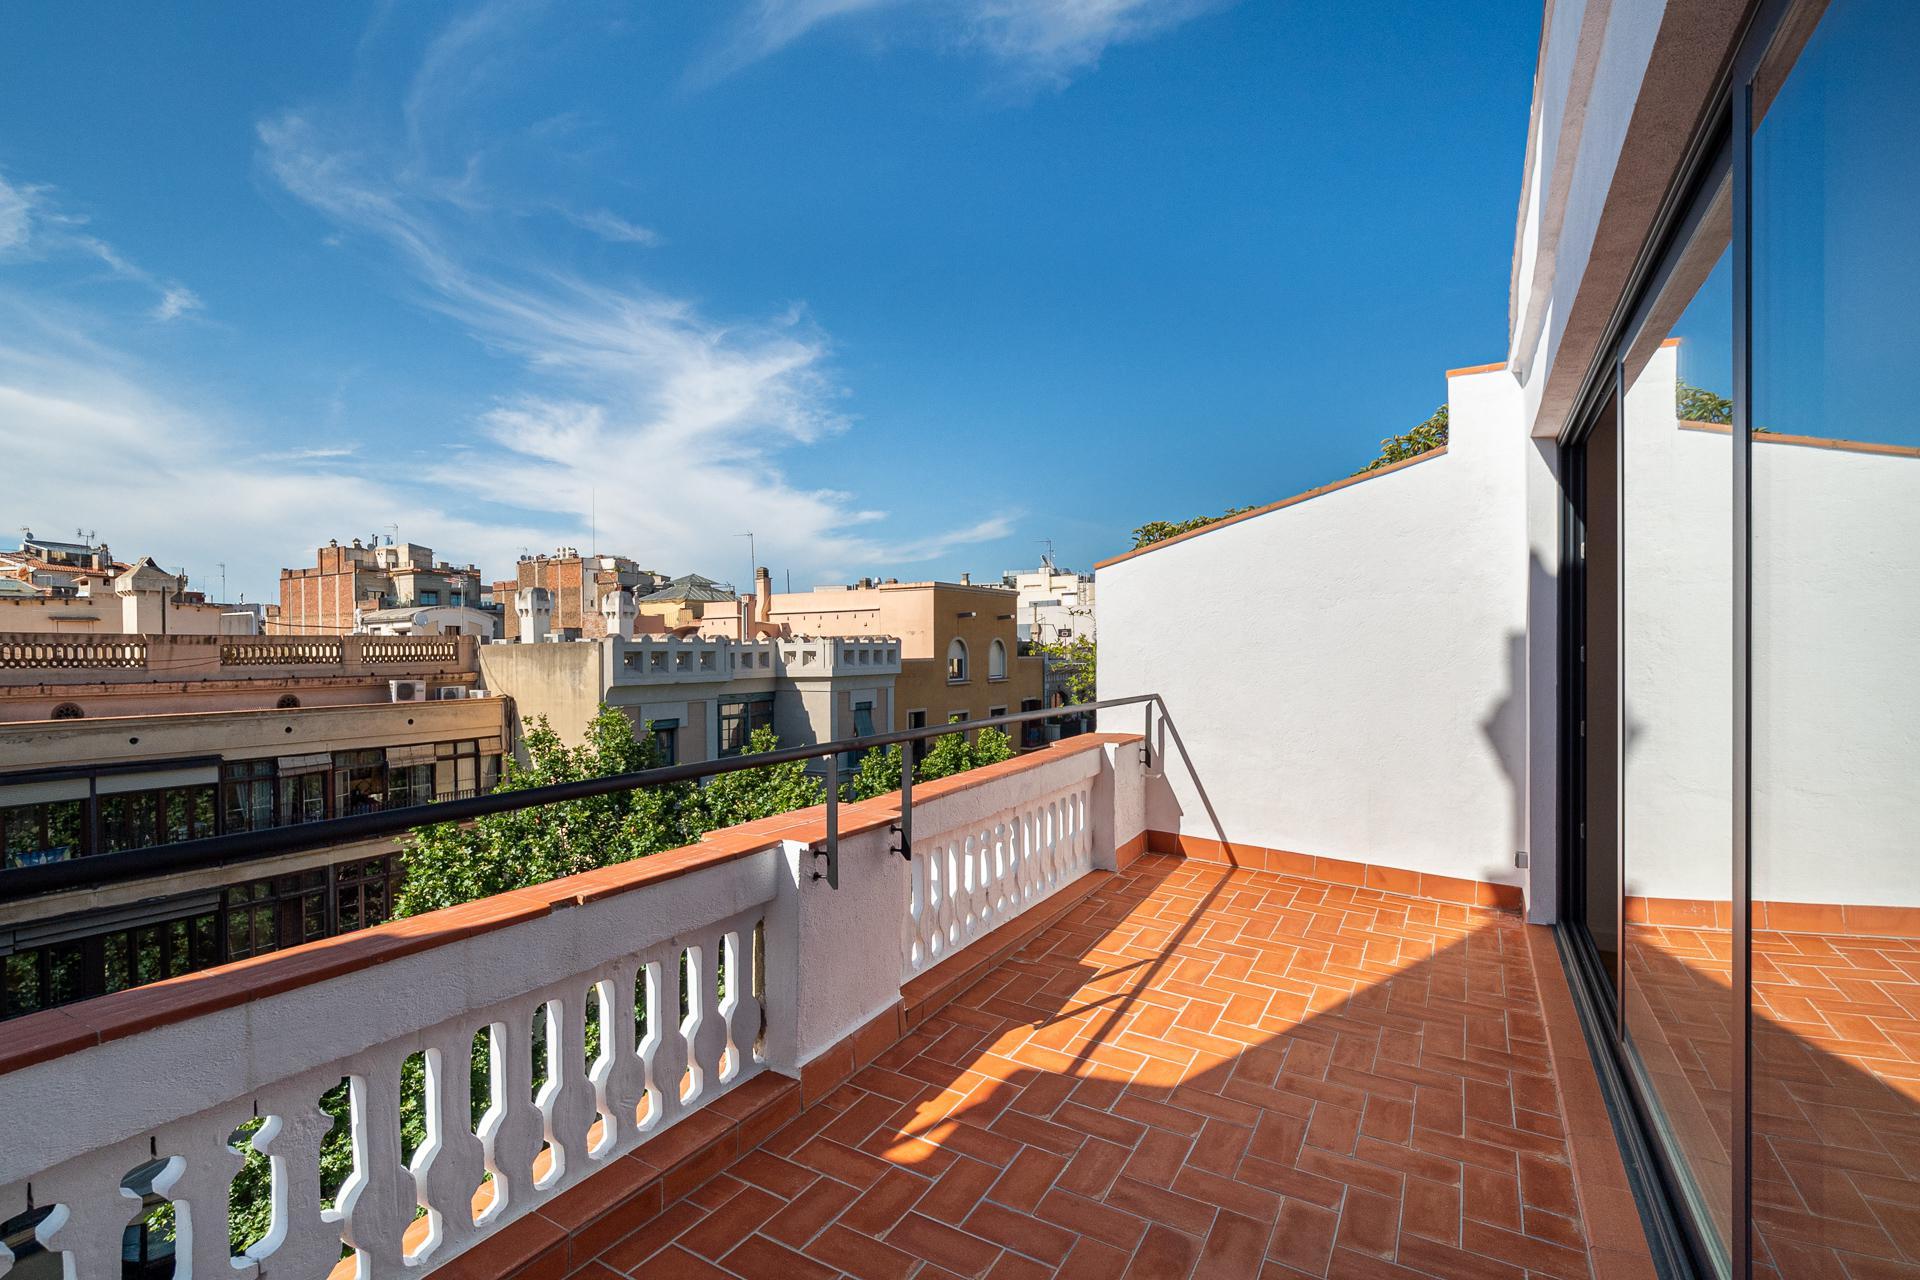 245902 Penthouse for sale in Ciutat Vella, St. Pere St. Caterina and La Ribera 1